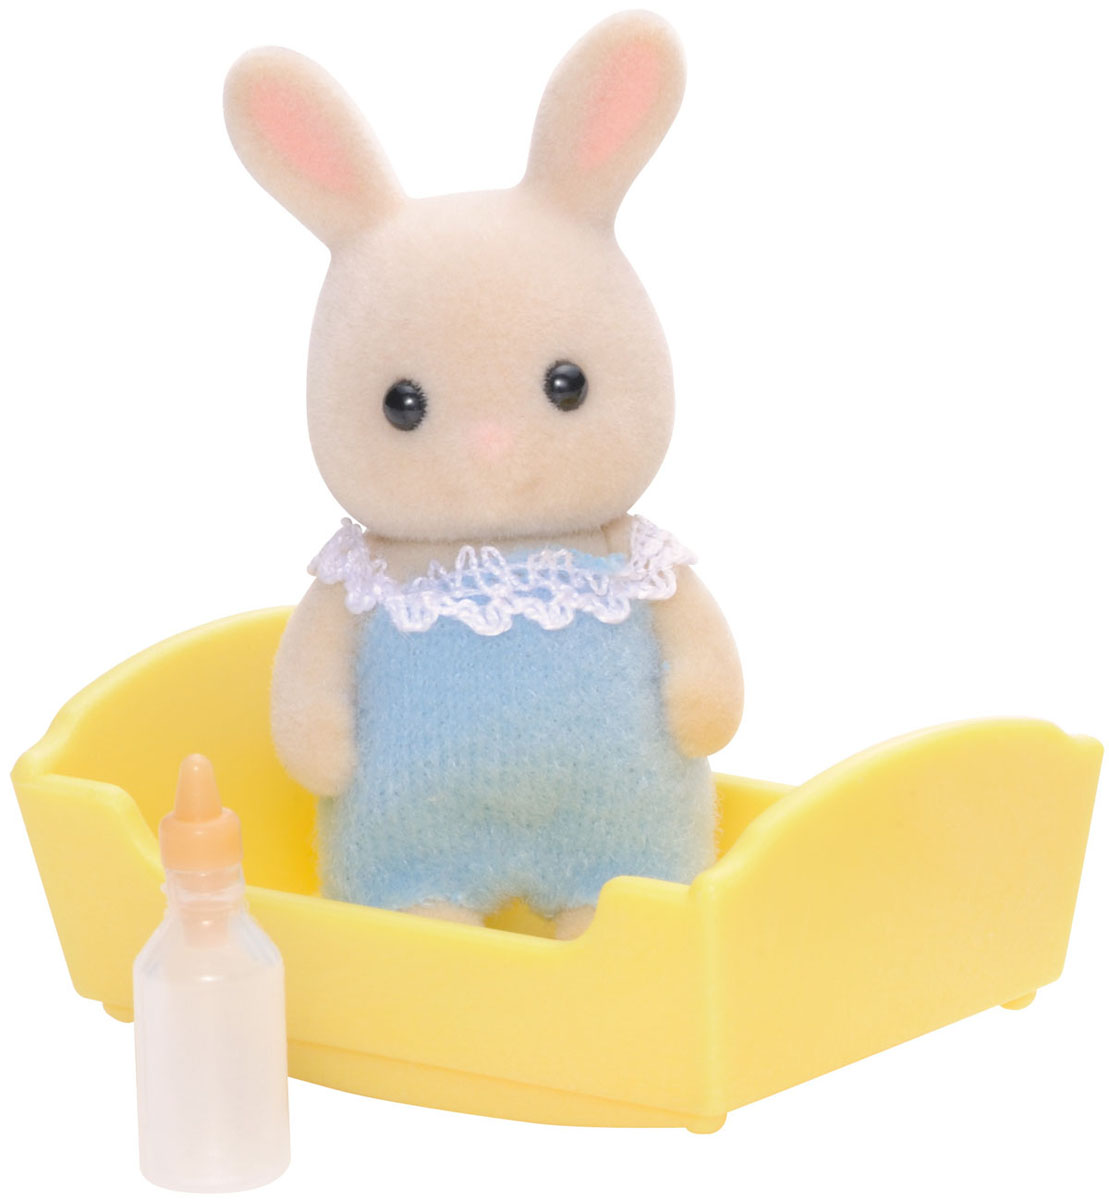 Sylvanian Families Фигурка Малыш Молочный Кролик5063Игровой набор Sylvanian Families Малыш Молочный Кролик привлечет внимание вашей малышки и не позволит ей скучать. Набор включает в себя фигурку Молочного Кролика, одетого в голубой костюмчик, и аксессуары для него: желтую люльку и бутылочку для кормления. Фигурка животного выполнена из пластика и покрыта мягким приятным на ощупь флоком. Ваша малышка будет часами играть с набором, придумывая различные истории. Sylvanian Families - это целый мир маленьких жителей, объединенных общей легендой. Жители страны Sylvanian Families - это кролики, белки, медведи, лисы и многие другие. У каждого из них есть дом, в котором есть все необходимое для счастливой жизни. В городе, где живут герои, есть школа, больница, рынок, пекарня, детский сад и множество других полезных объектов. Жители этой страны живут семьями, в каждой из которой есть дети. В домах Sylvanian Families царит уют и гармония. Домашние животные радуют хозяев. Здесь продумана каждая мелочь, от одежды до мебели и аксессуаров. Характеристики: Материал: пластик, текстиль. Высота фигурки: 4,5 см. Рекомендуем!